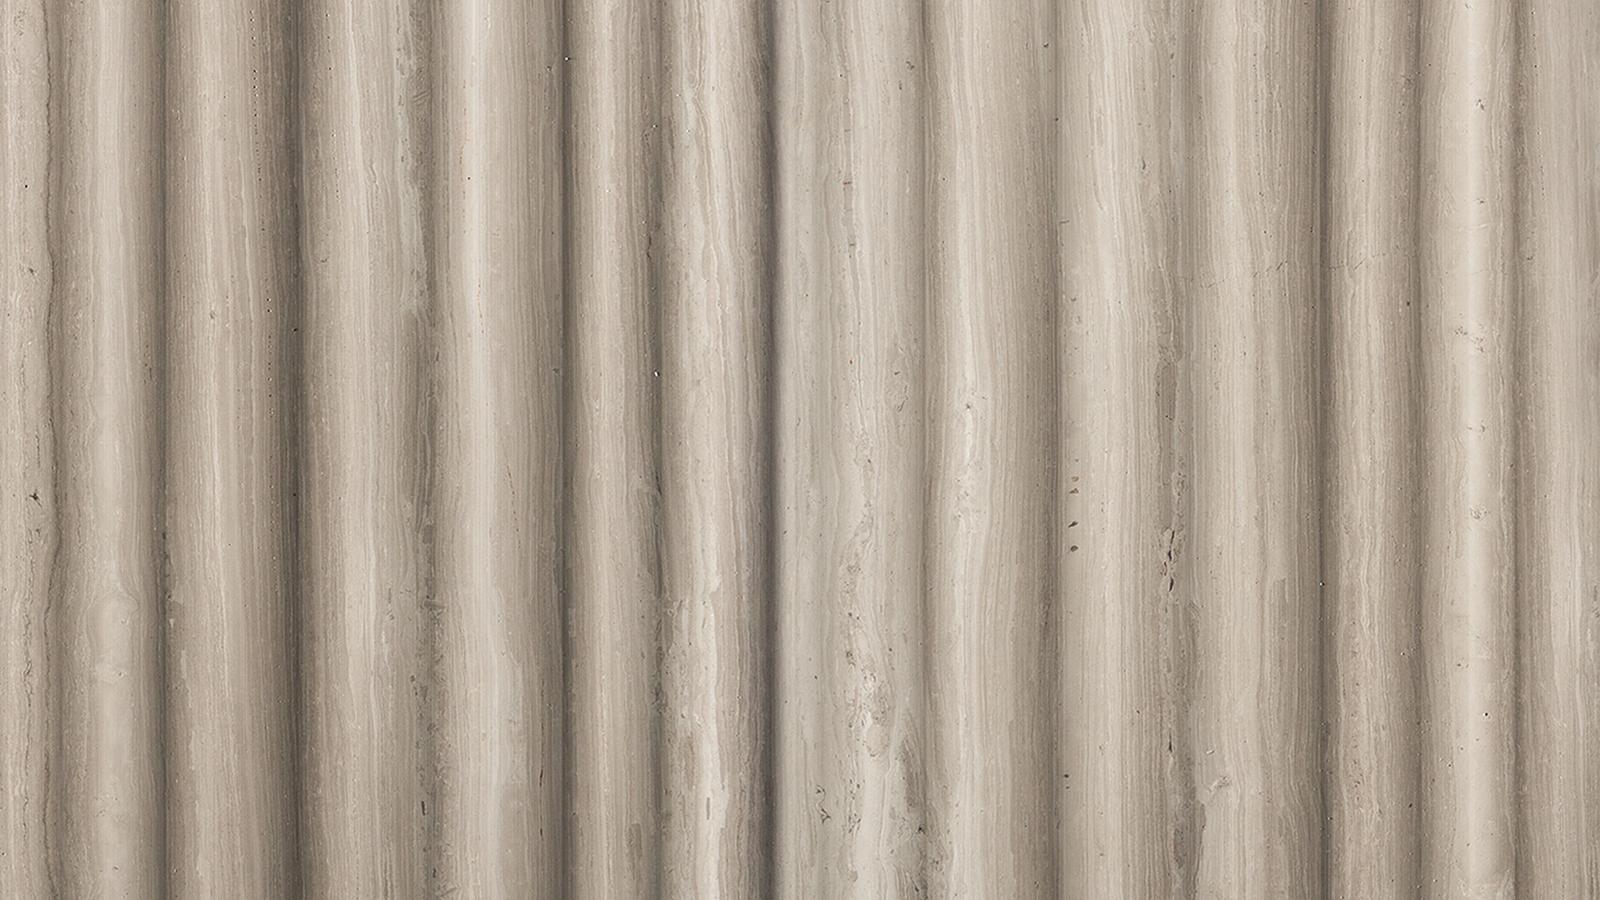 A Rain egy olyan textúra, mely szinte tapinthatóvá teszi a nyugalom és a harmónia érzését – nem véletlenül. A Piero Lissoni sztárdesigner által tervezett burkolaton, melynek ezen a képen Carrara-i márványból készült változata látható, egyértelműen érezhetőek a japán hatások, ritmikus mintázata pedig az eső következetes záporozására emlékeztet.